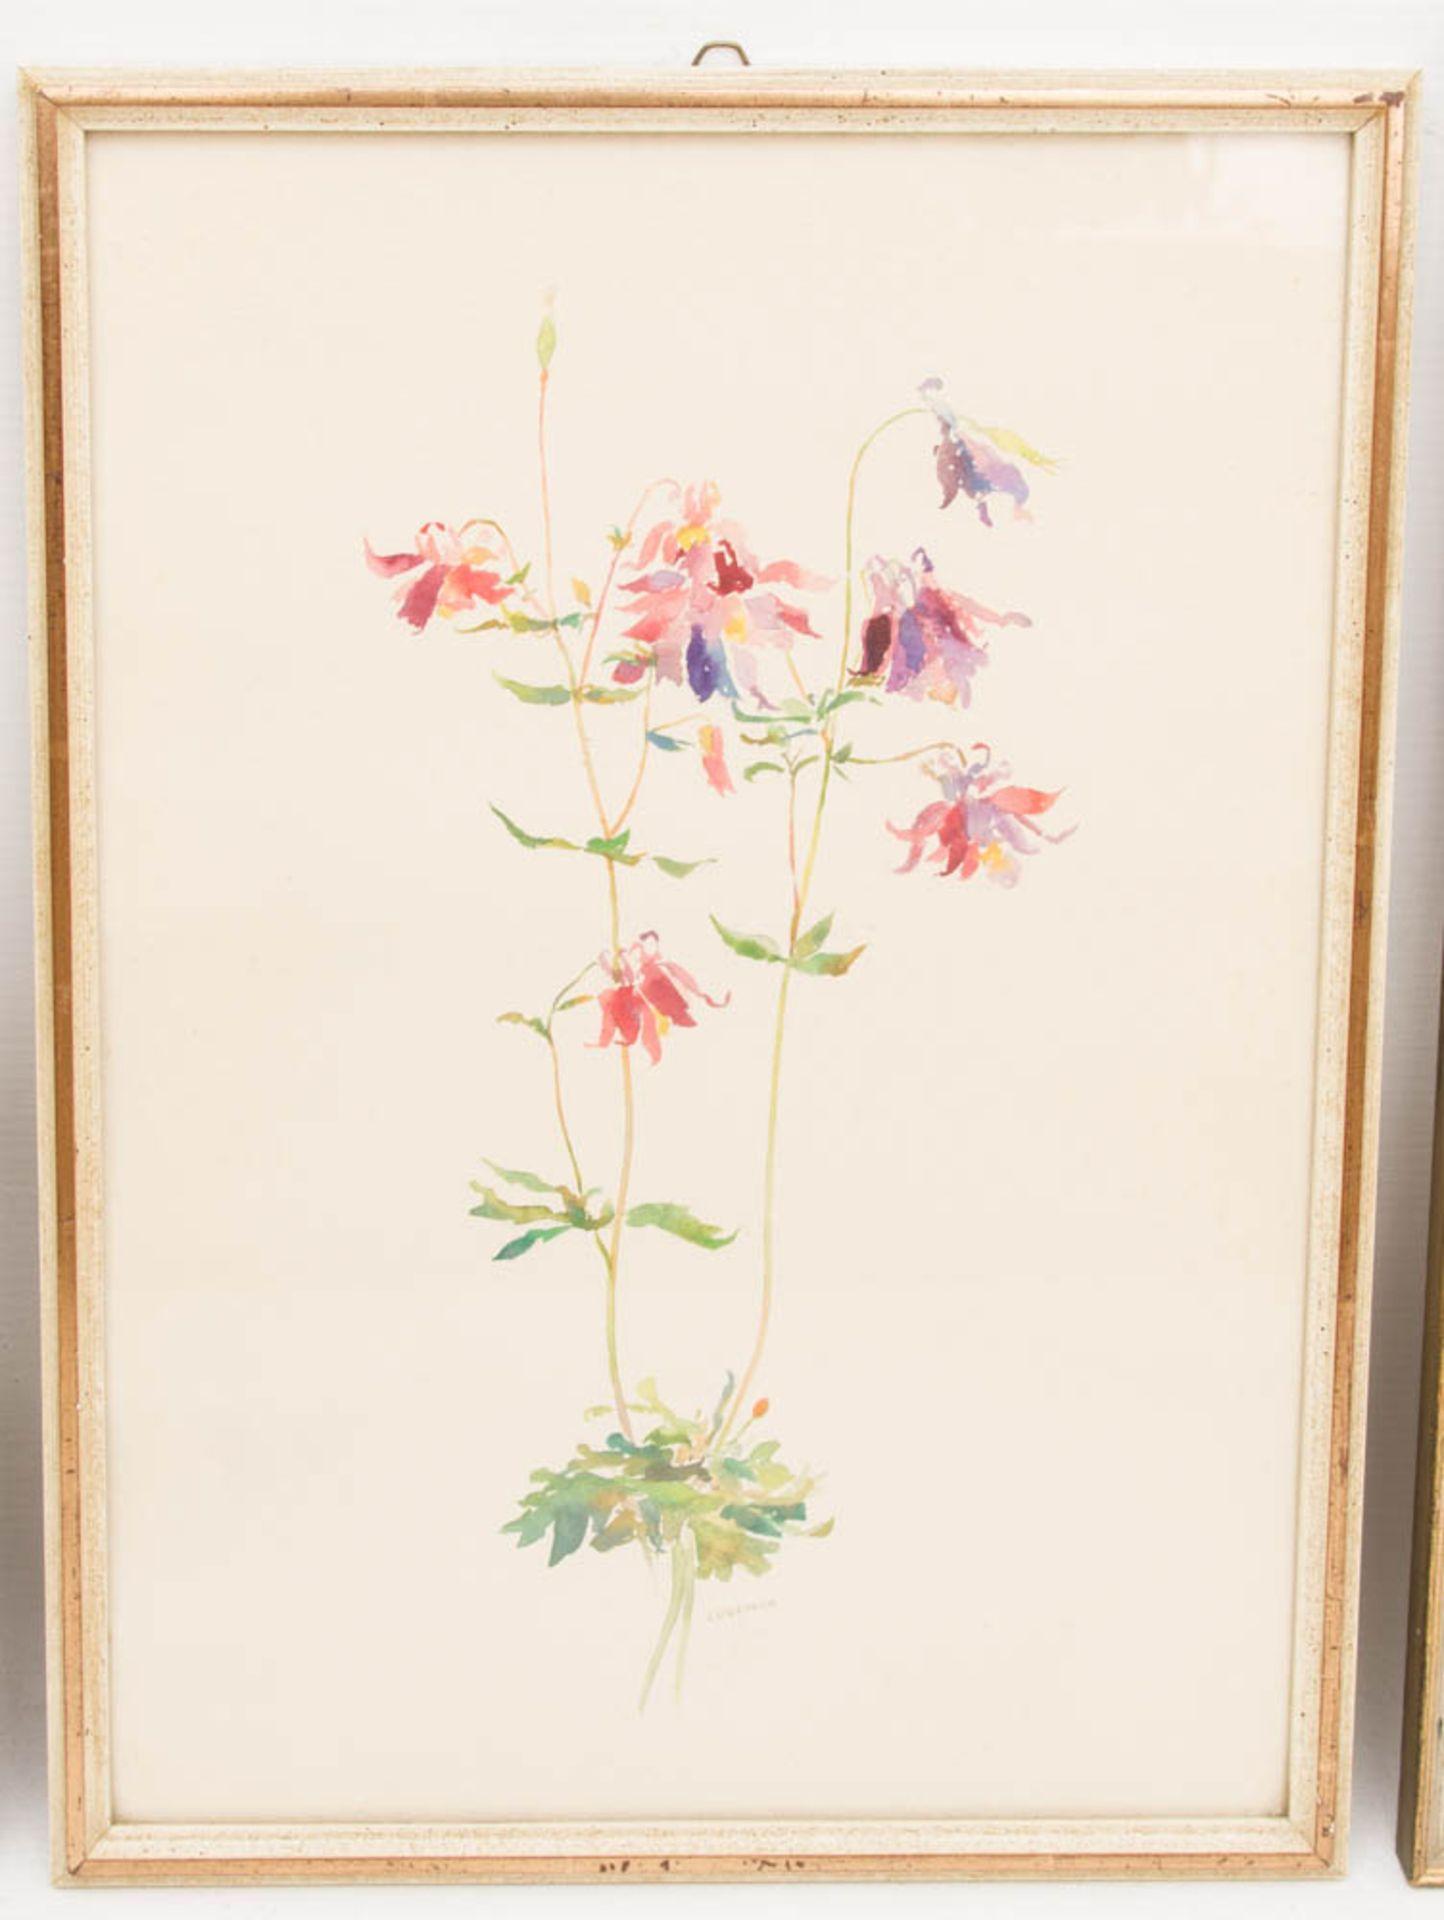 Drei florale Drucke, ein florales Aquarell.Gerahmt, leichte Gebrauchsspuren.Ein Be - Bild 2 aus 6